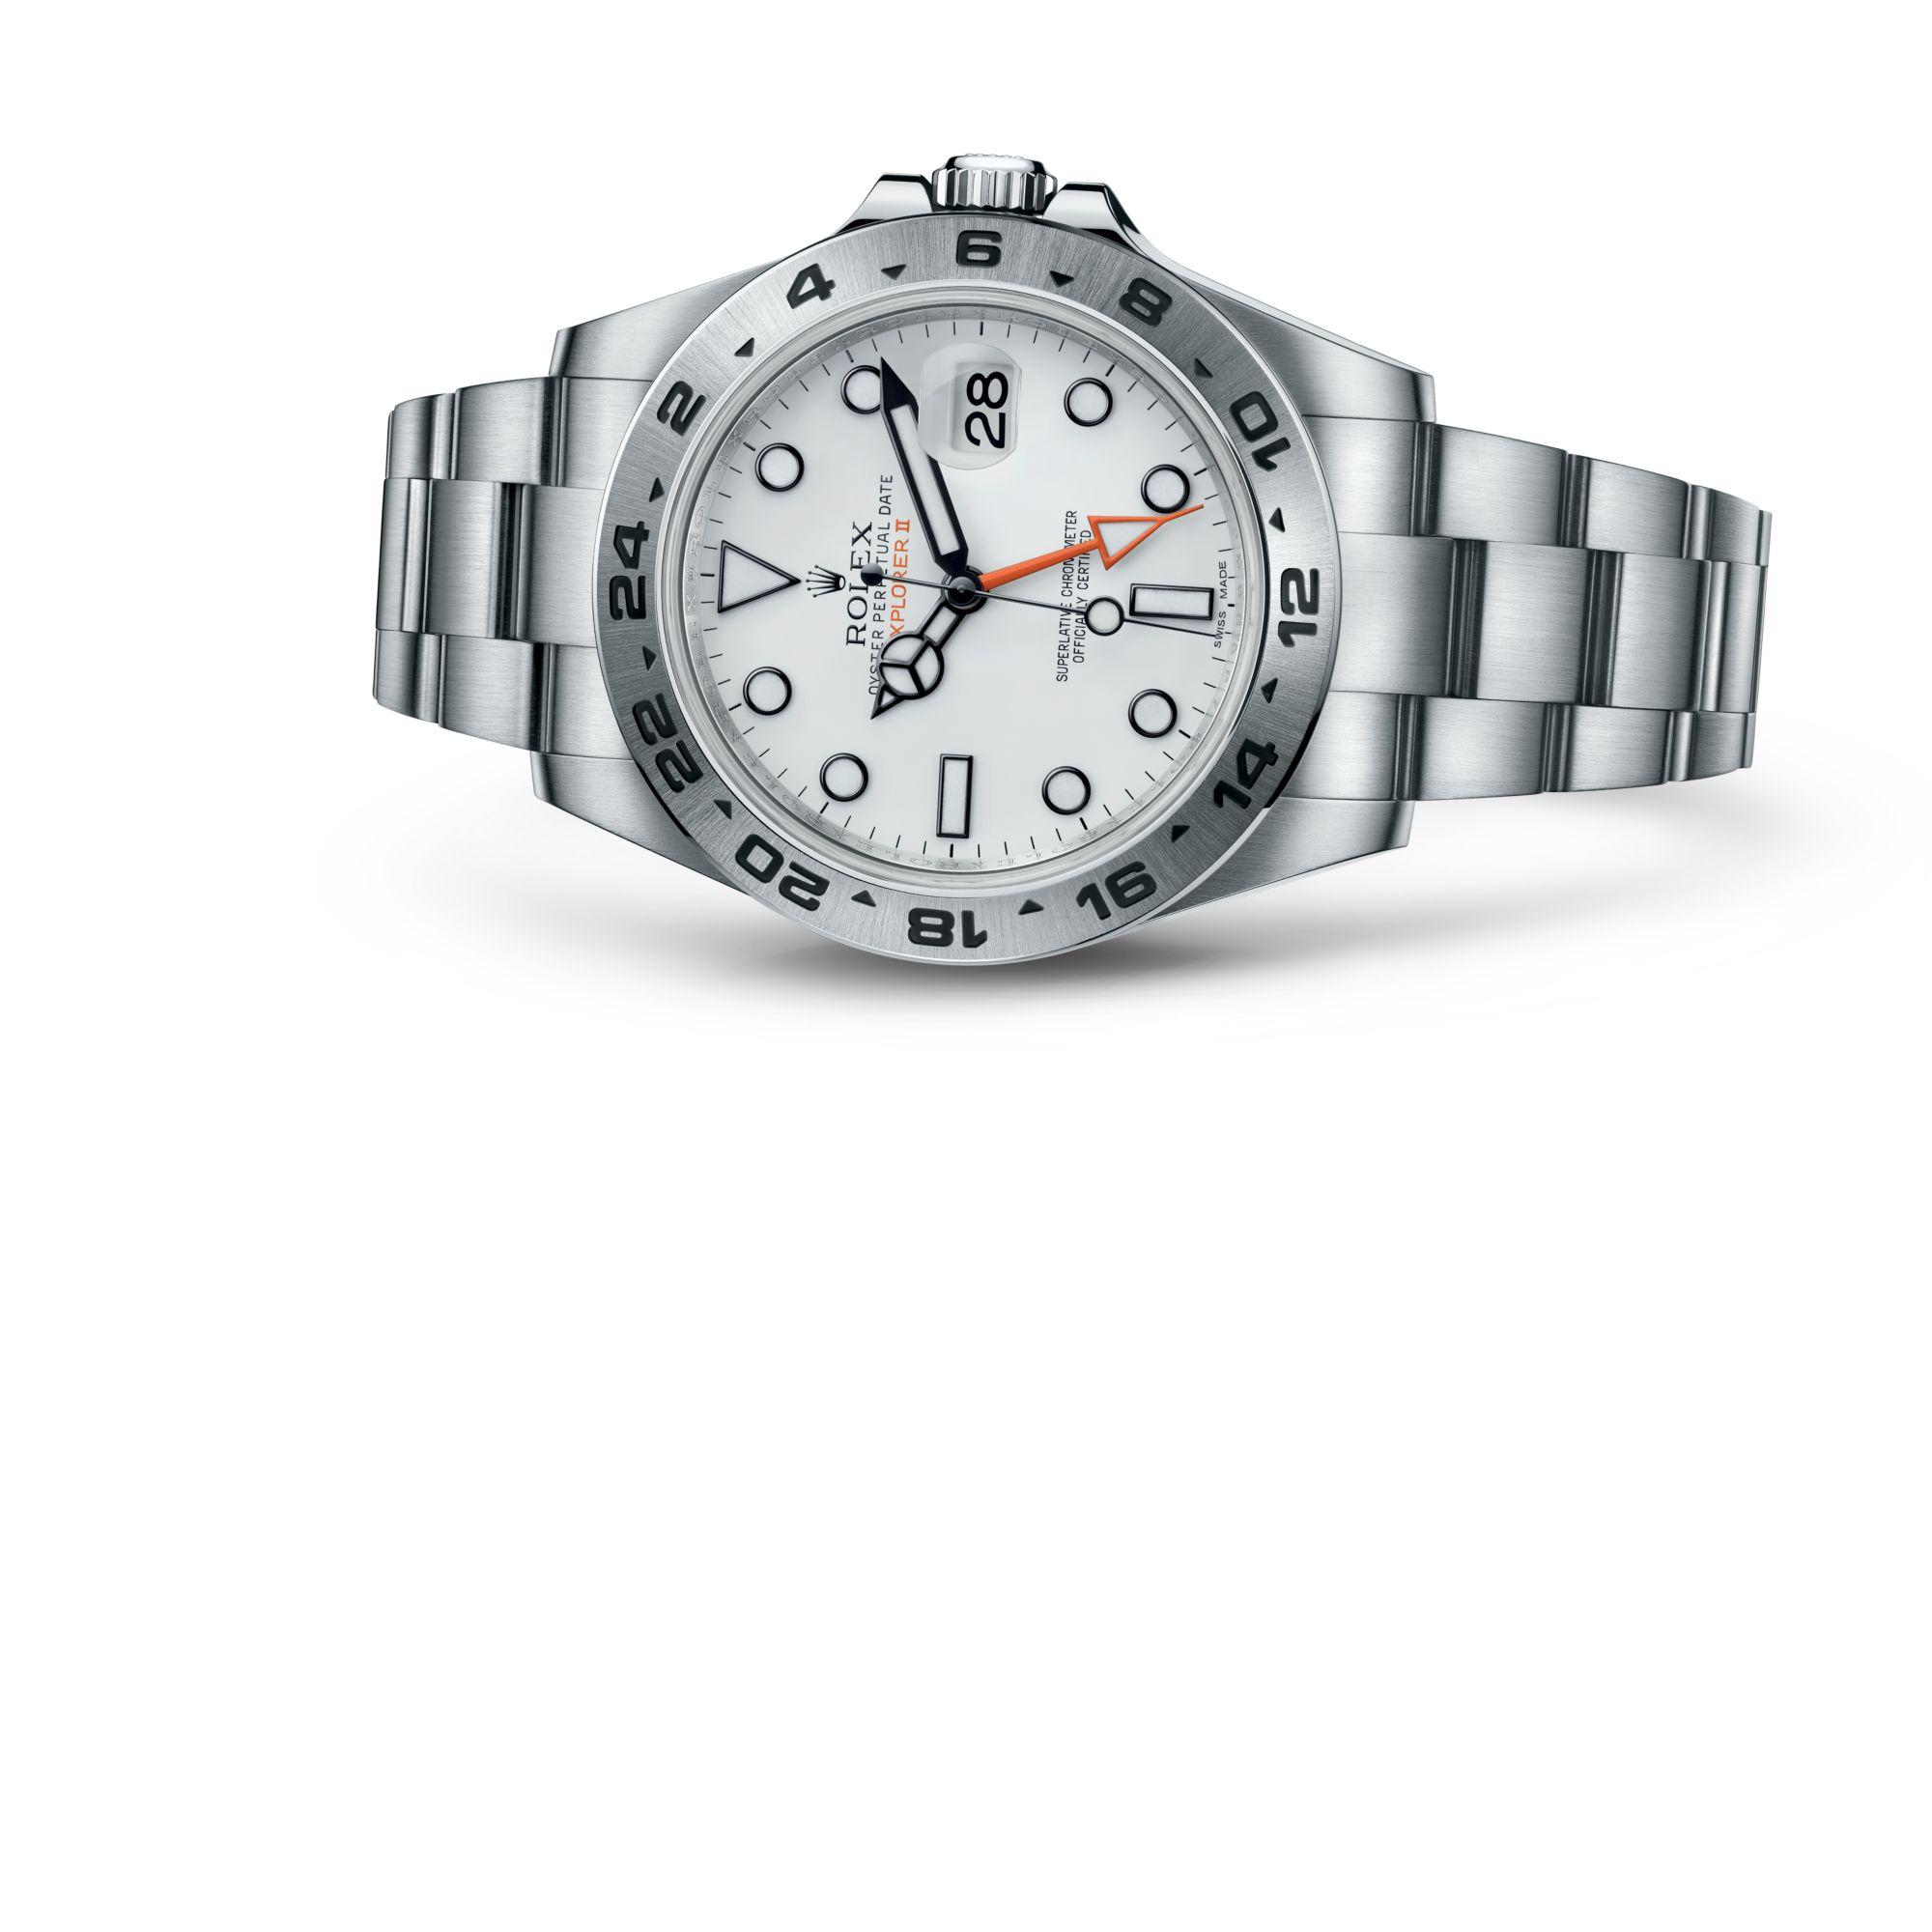 Rolex エクスプローラーⅡ M216570-0001